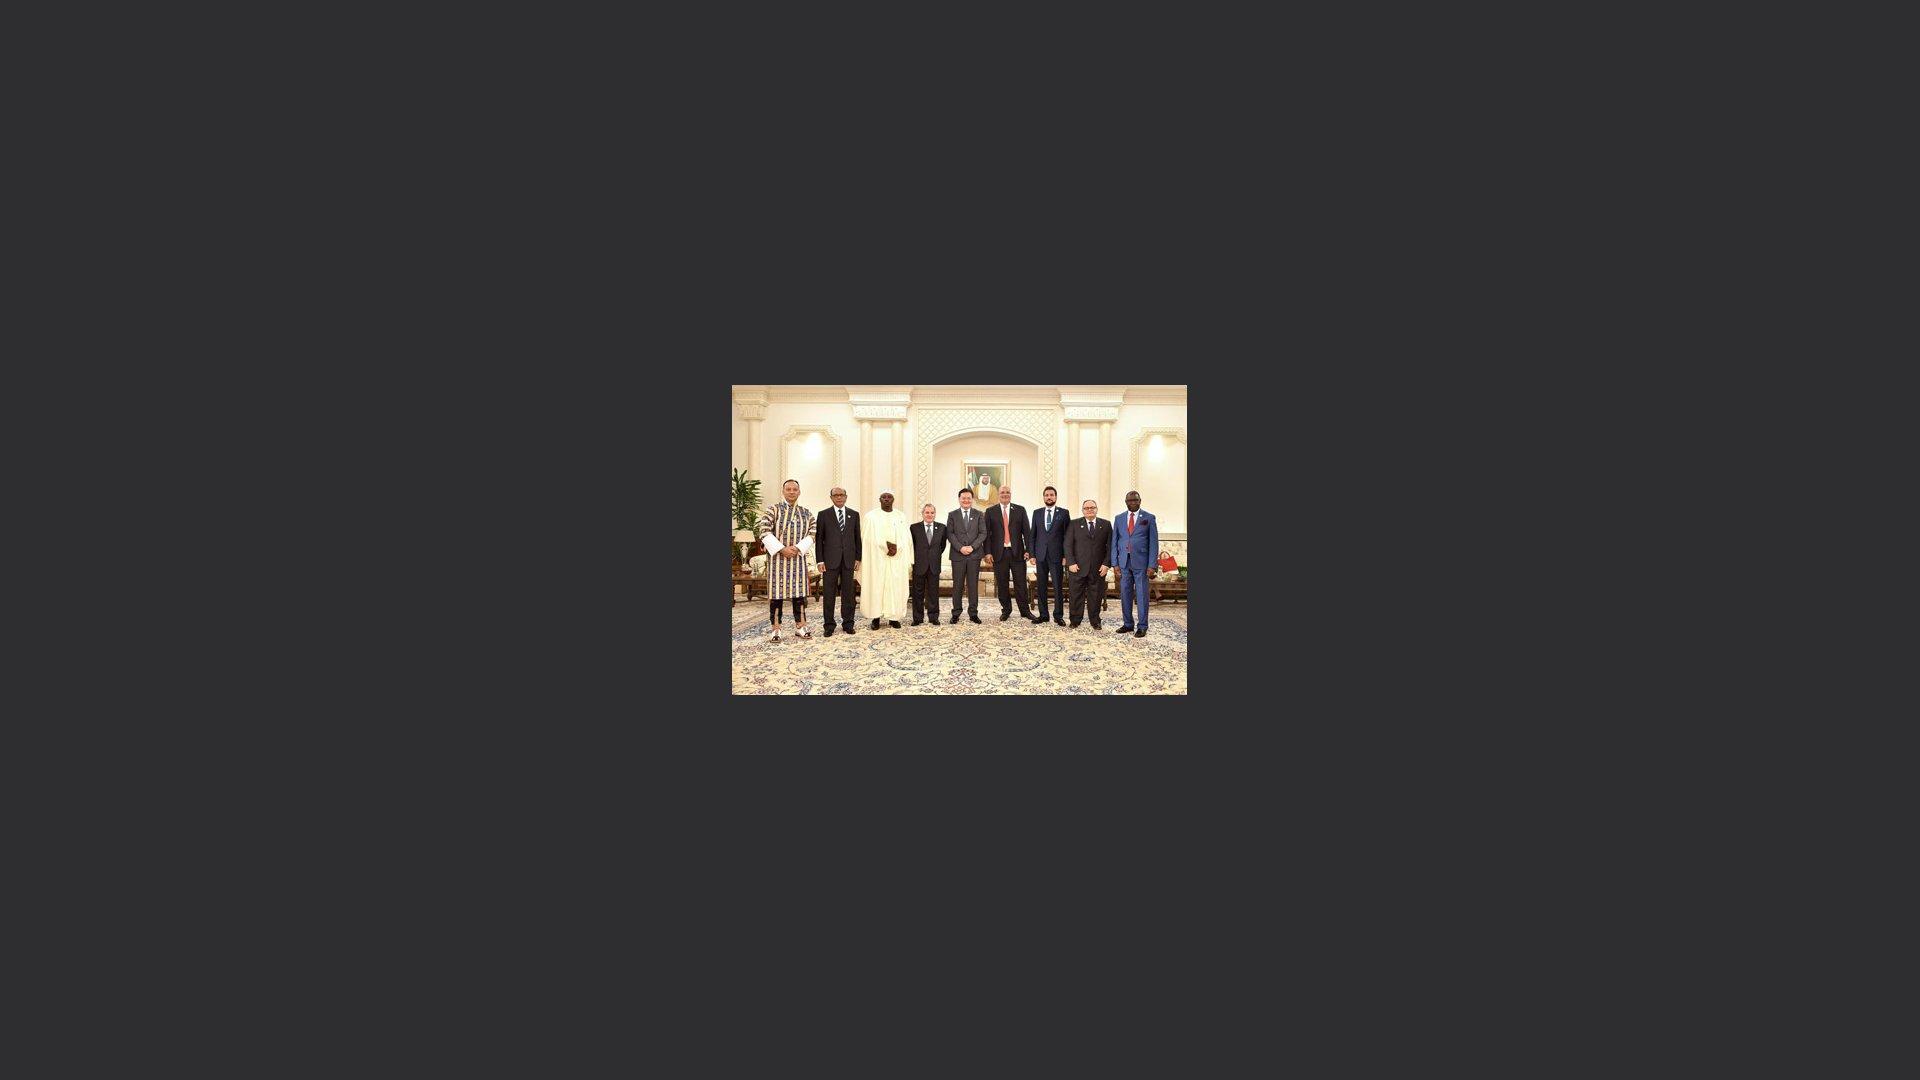 Emirati Arabi Uniti sito di incontri